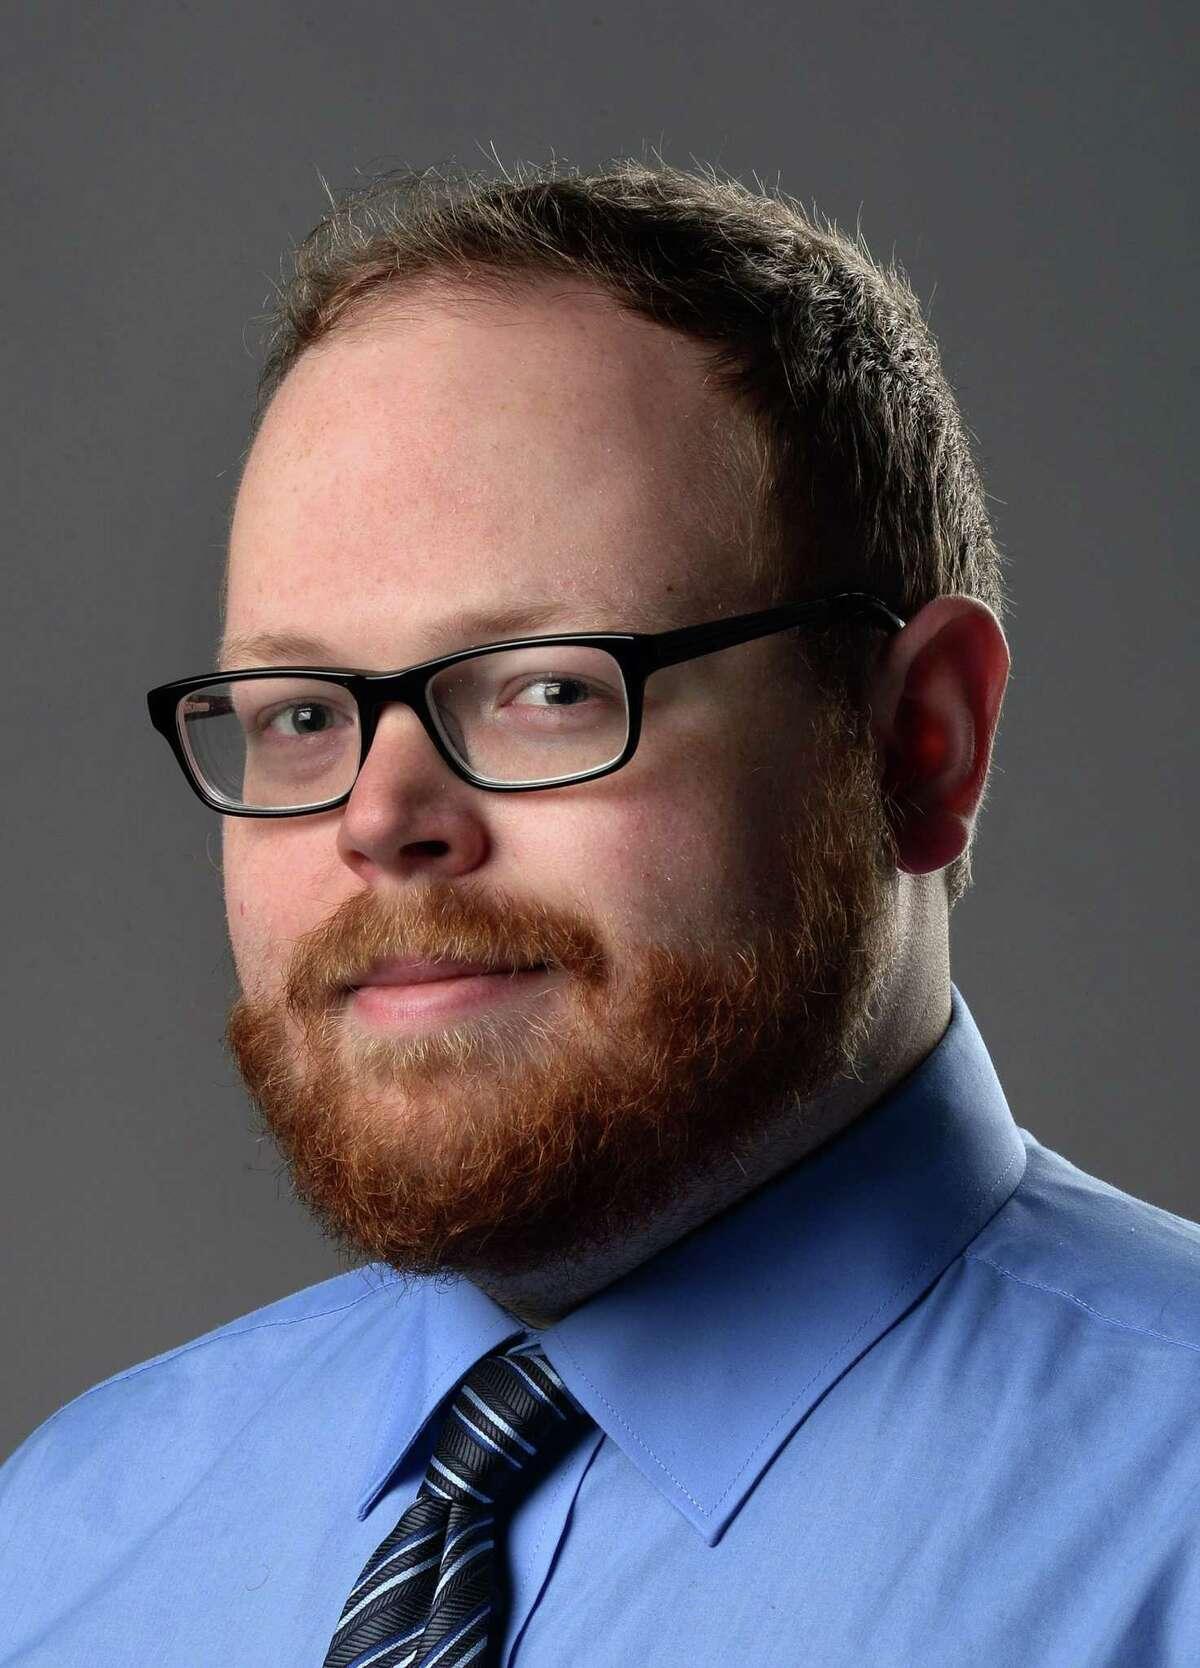 Jacob Dick Reporter Staff Mug Photo taken Tuesday, 2/5/19